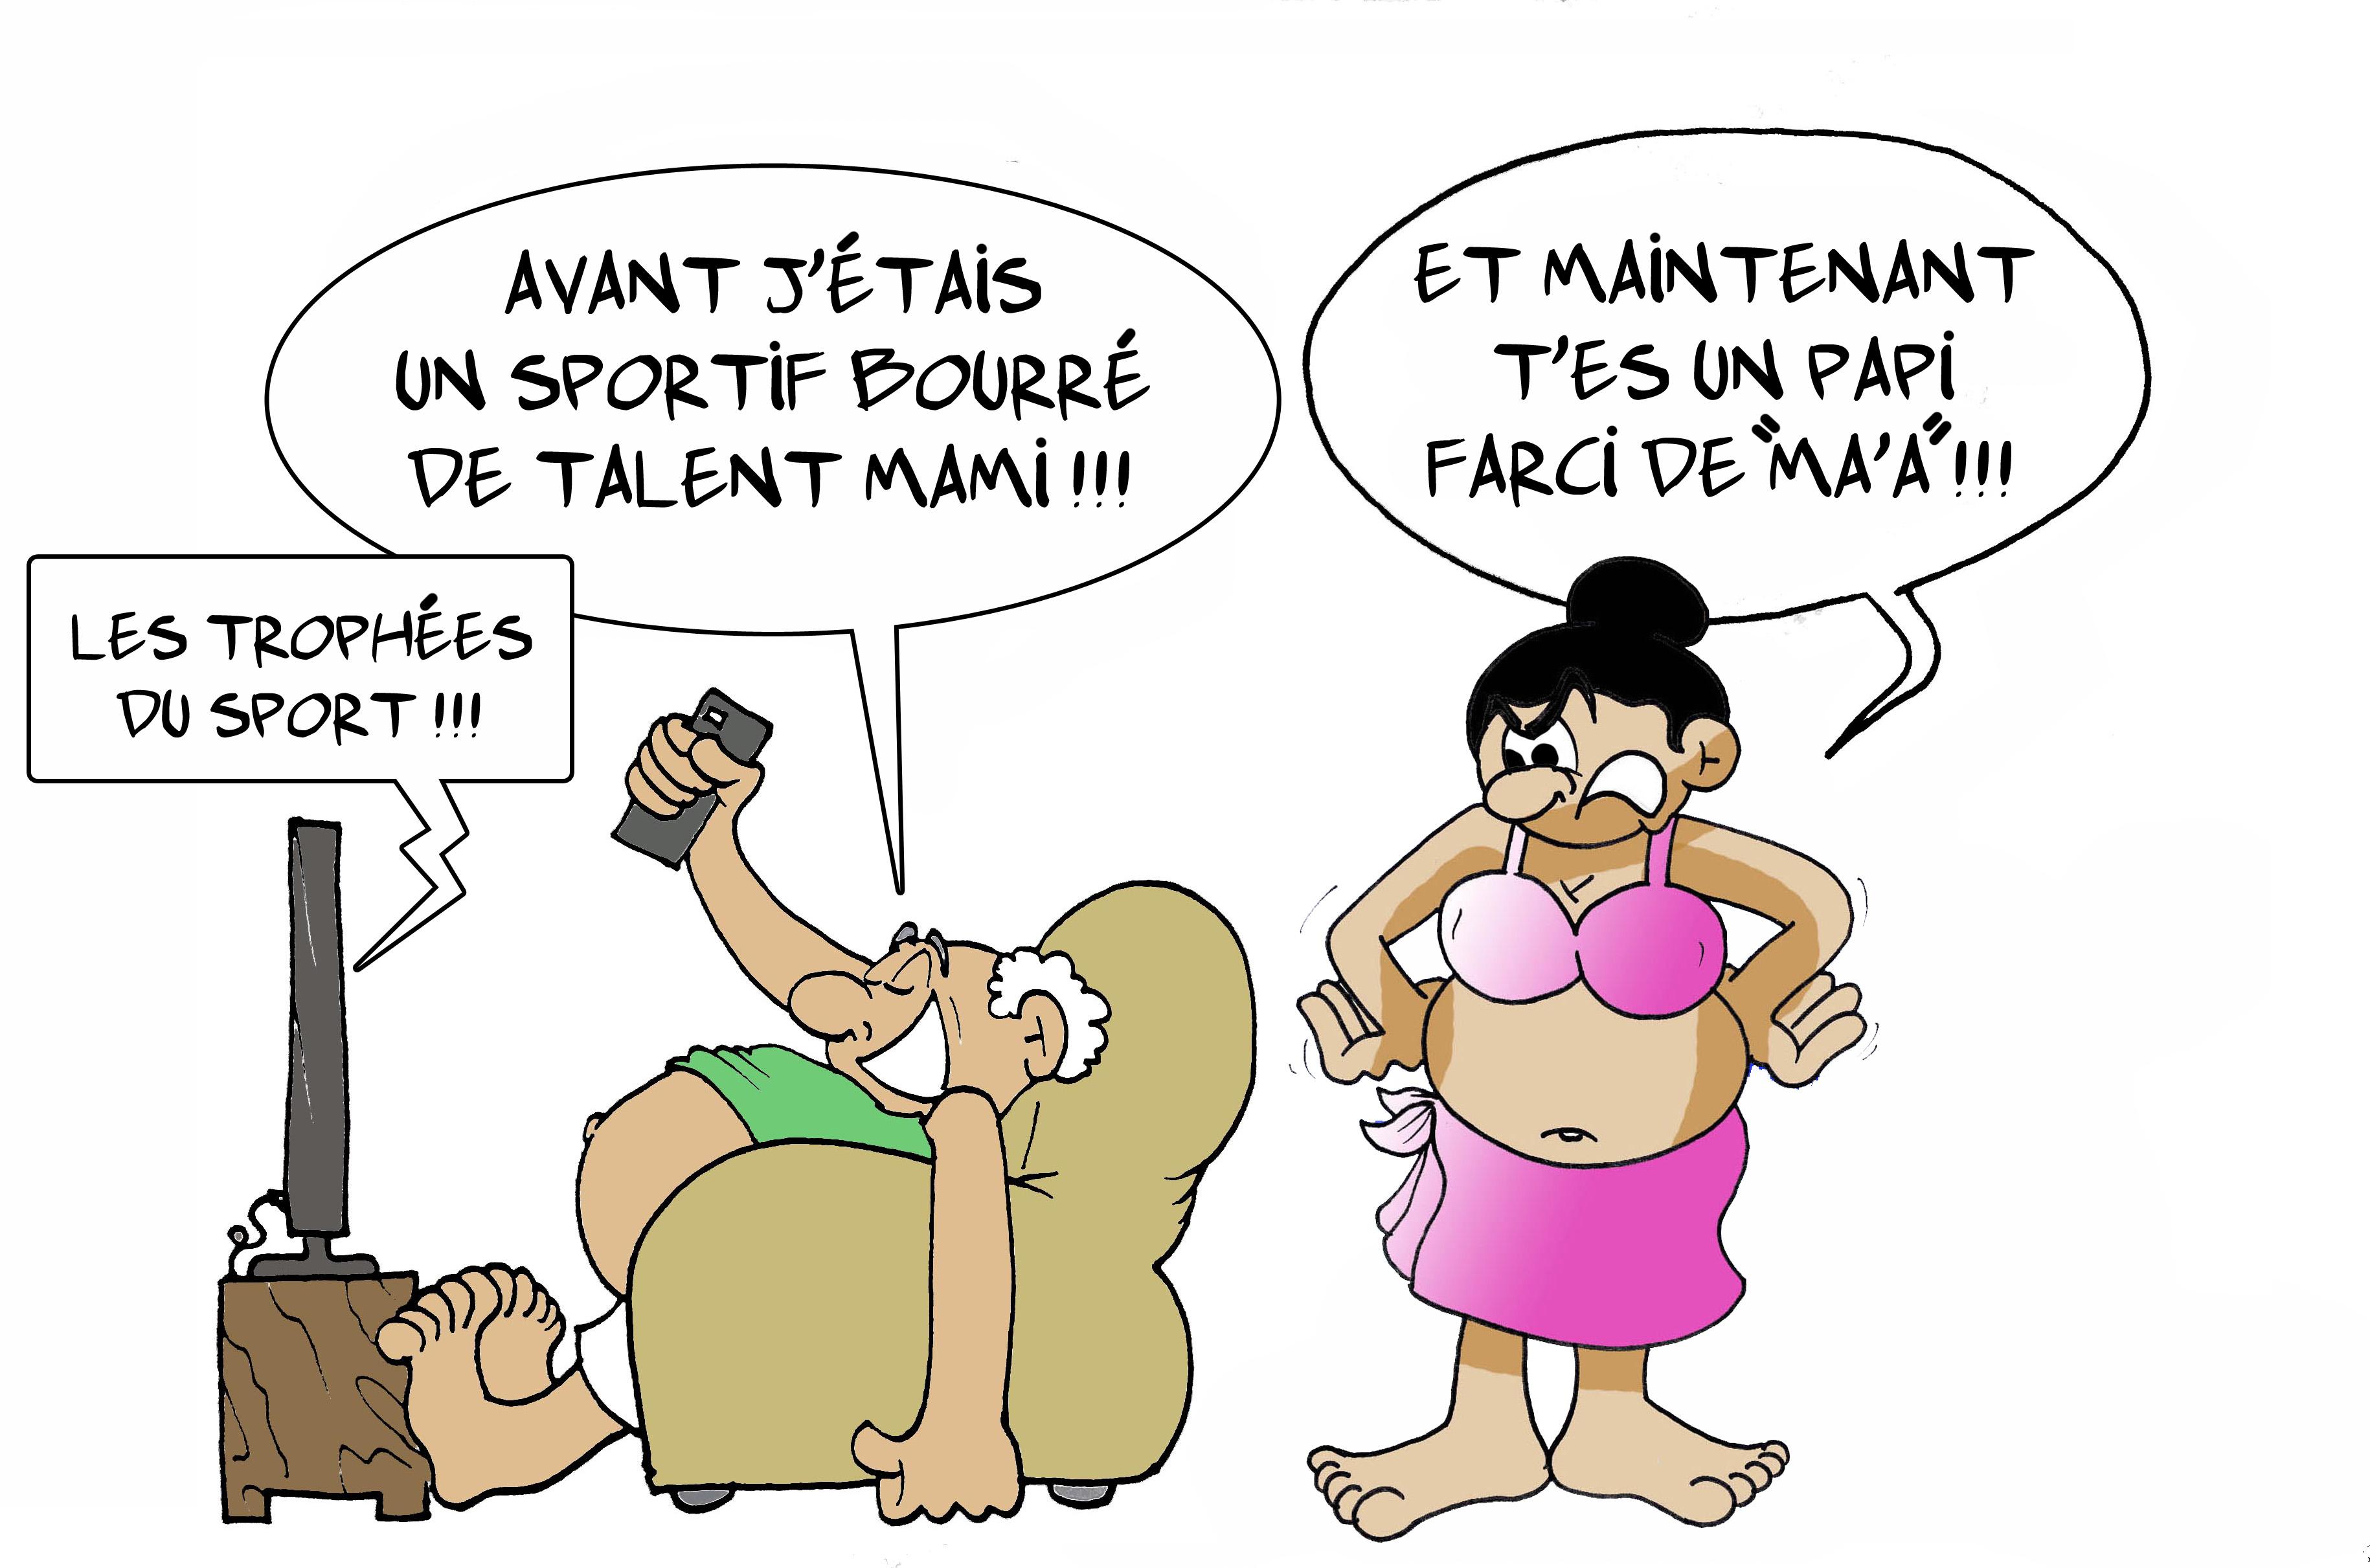 """"""" Les trophées du sport """" par Munoz"""